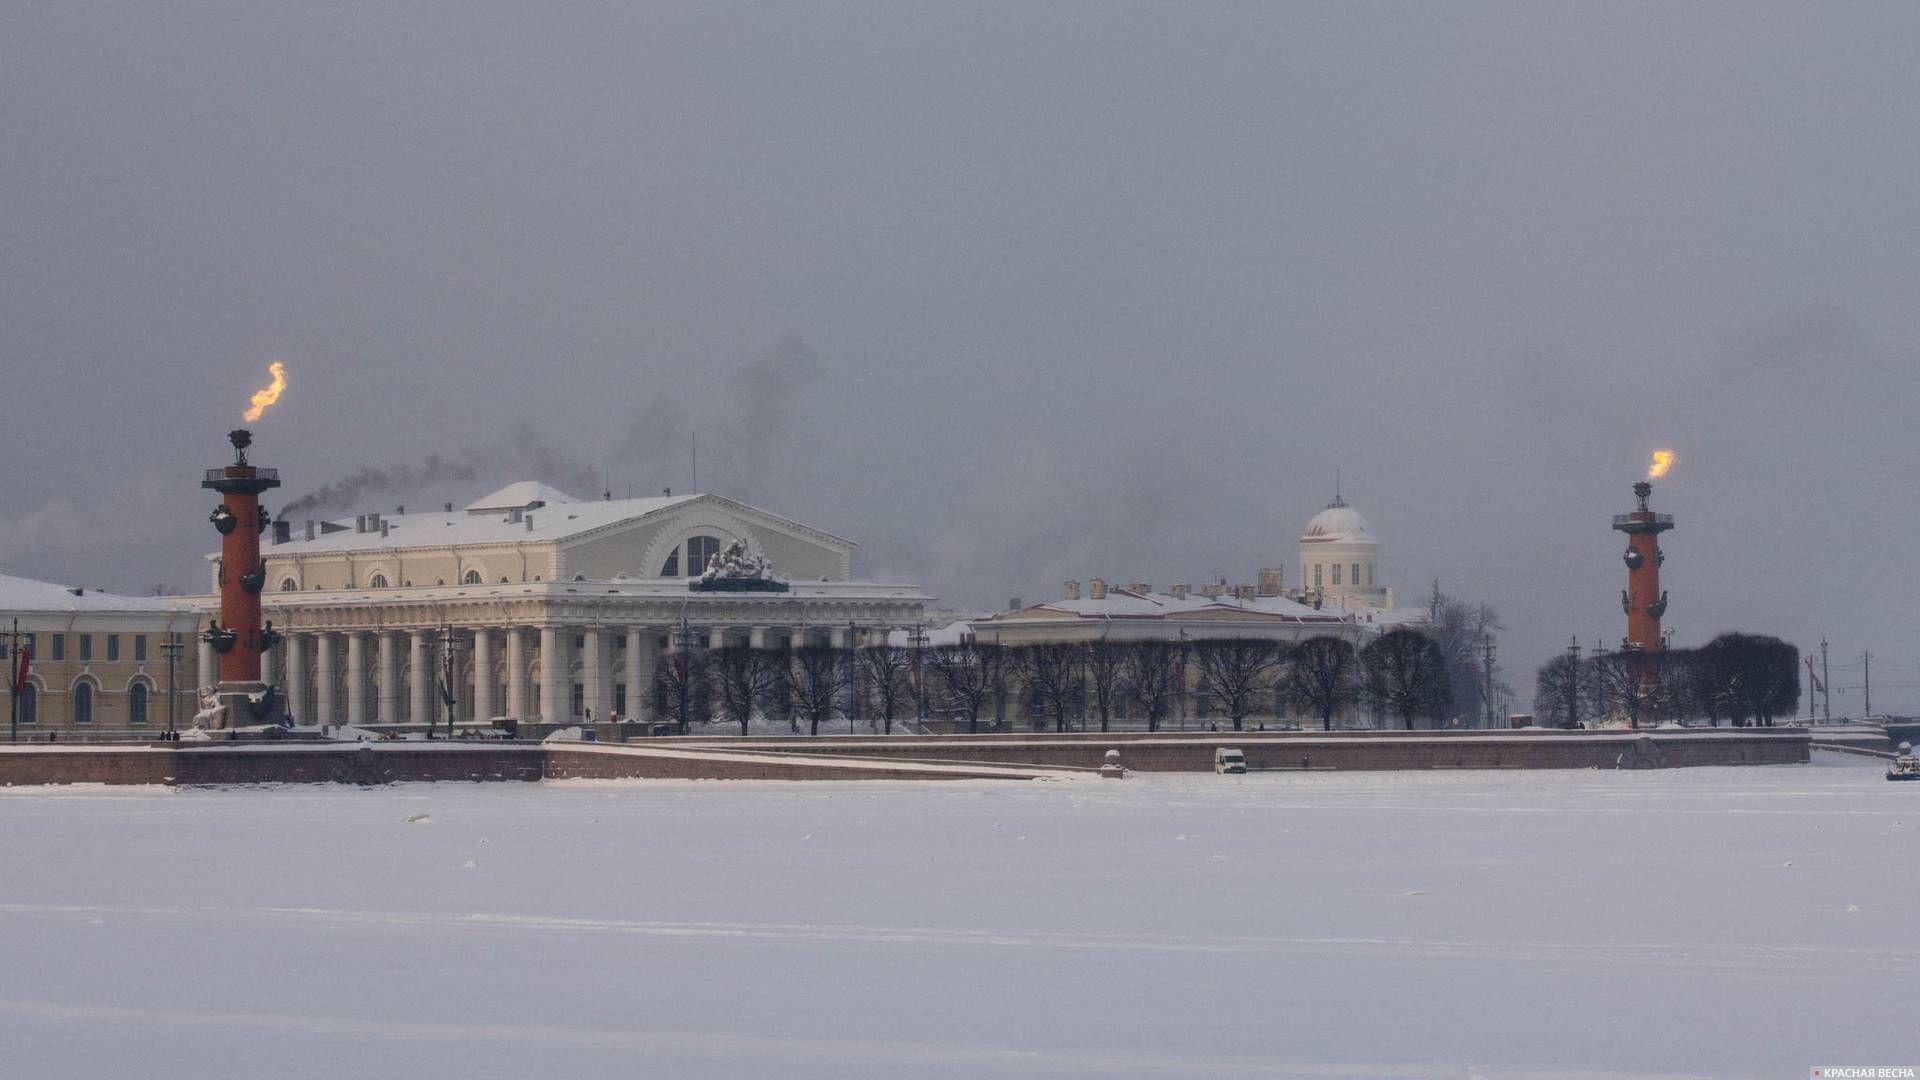 Ростральные колонны зажжены в честь 75-й годовщины полного снятия блокады Ленинграда